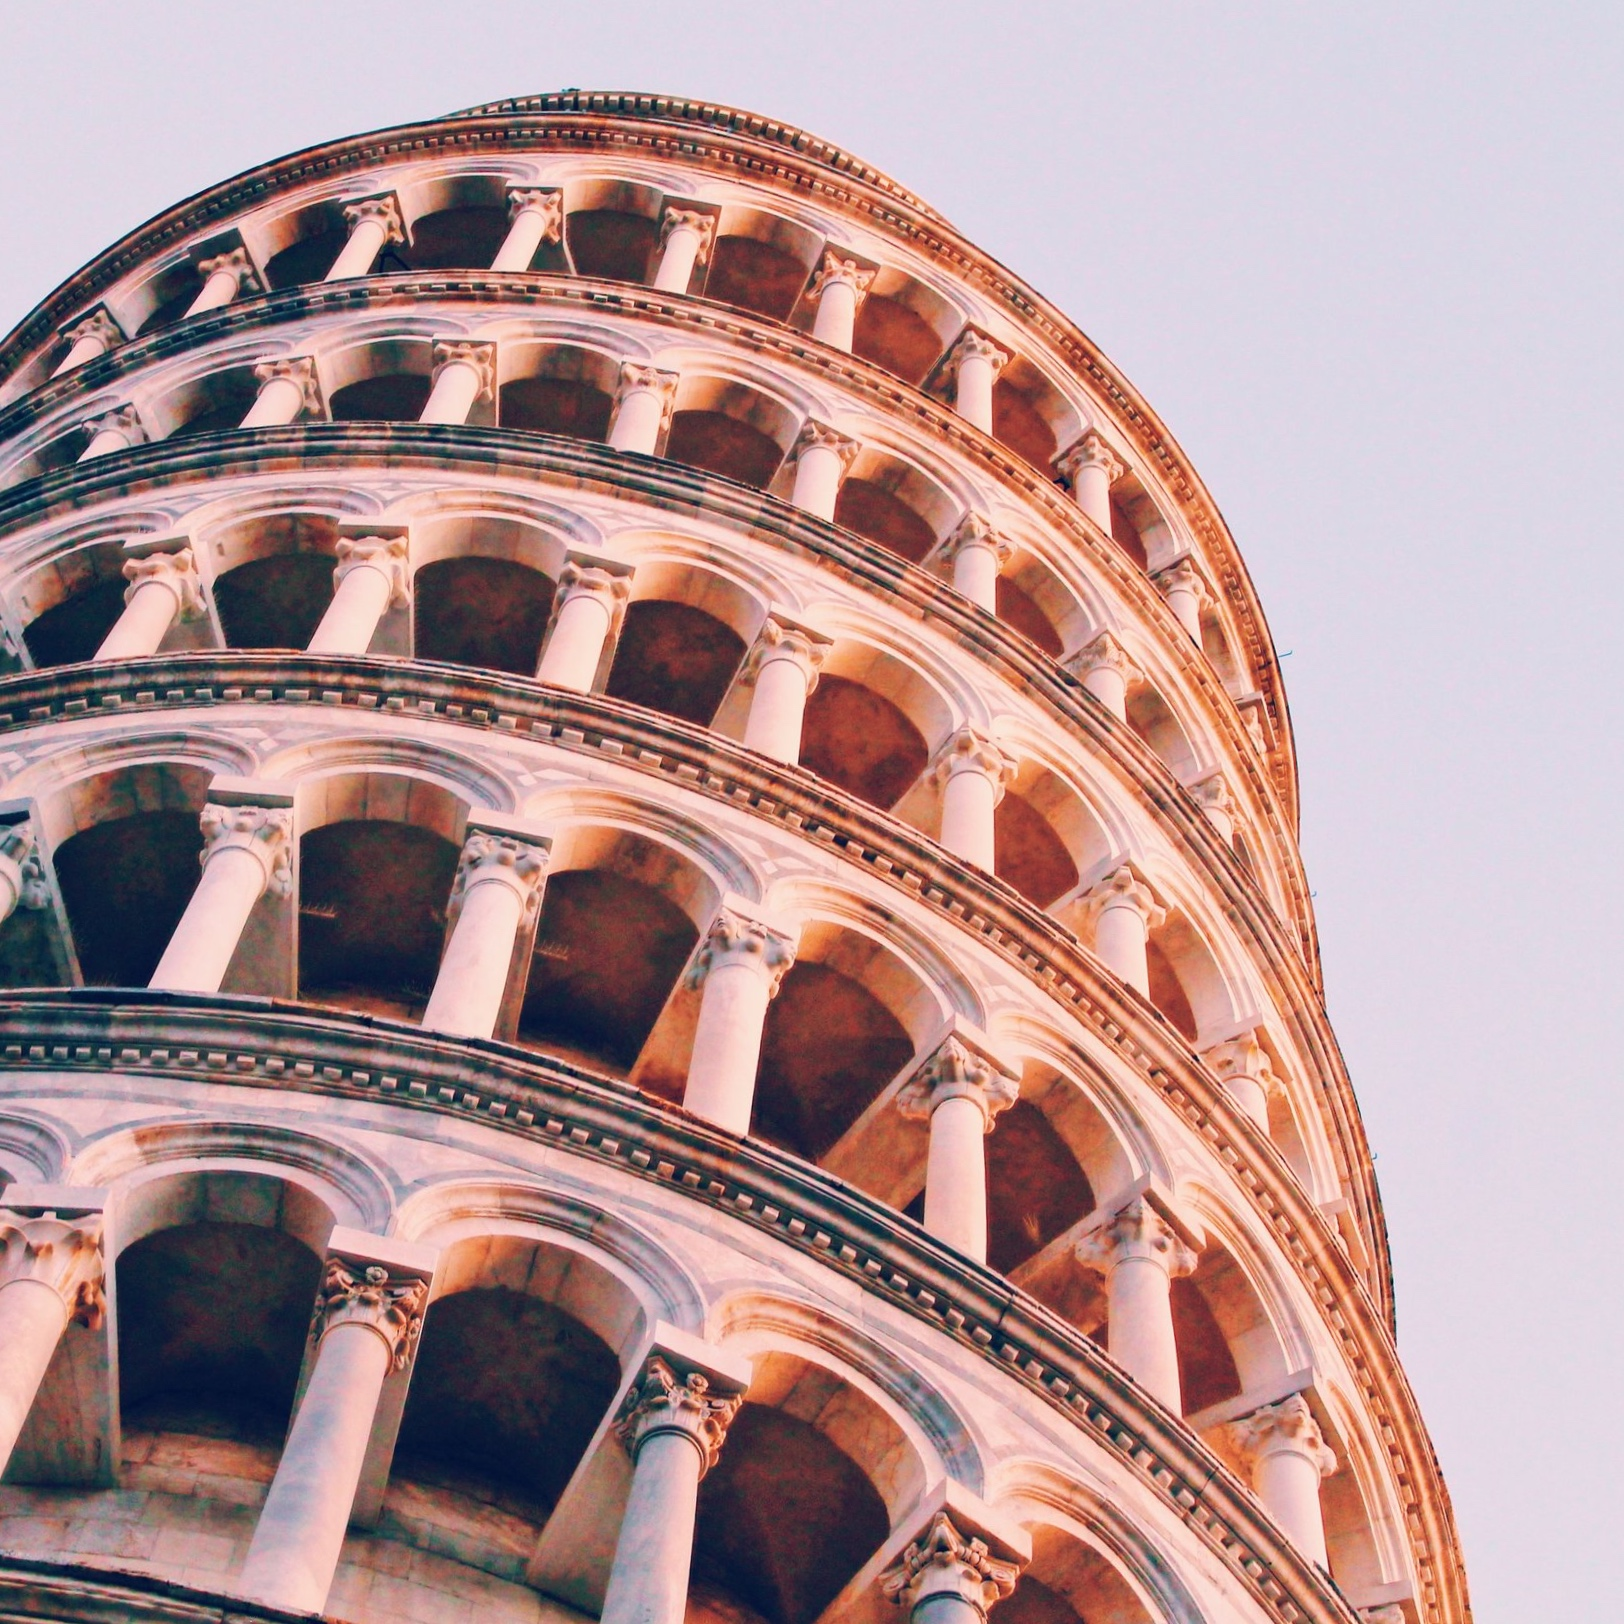 ItalienWeinreise.jpg